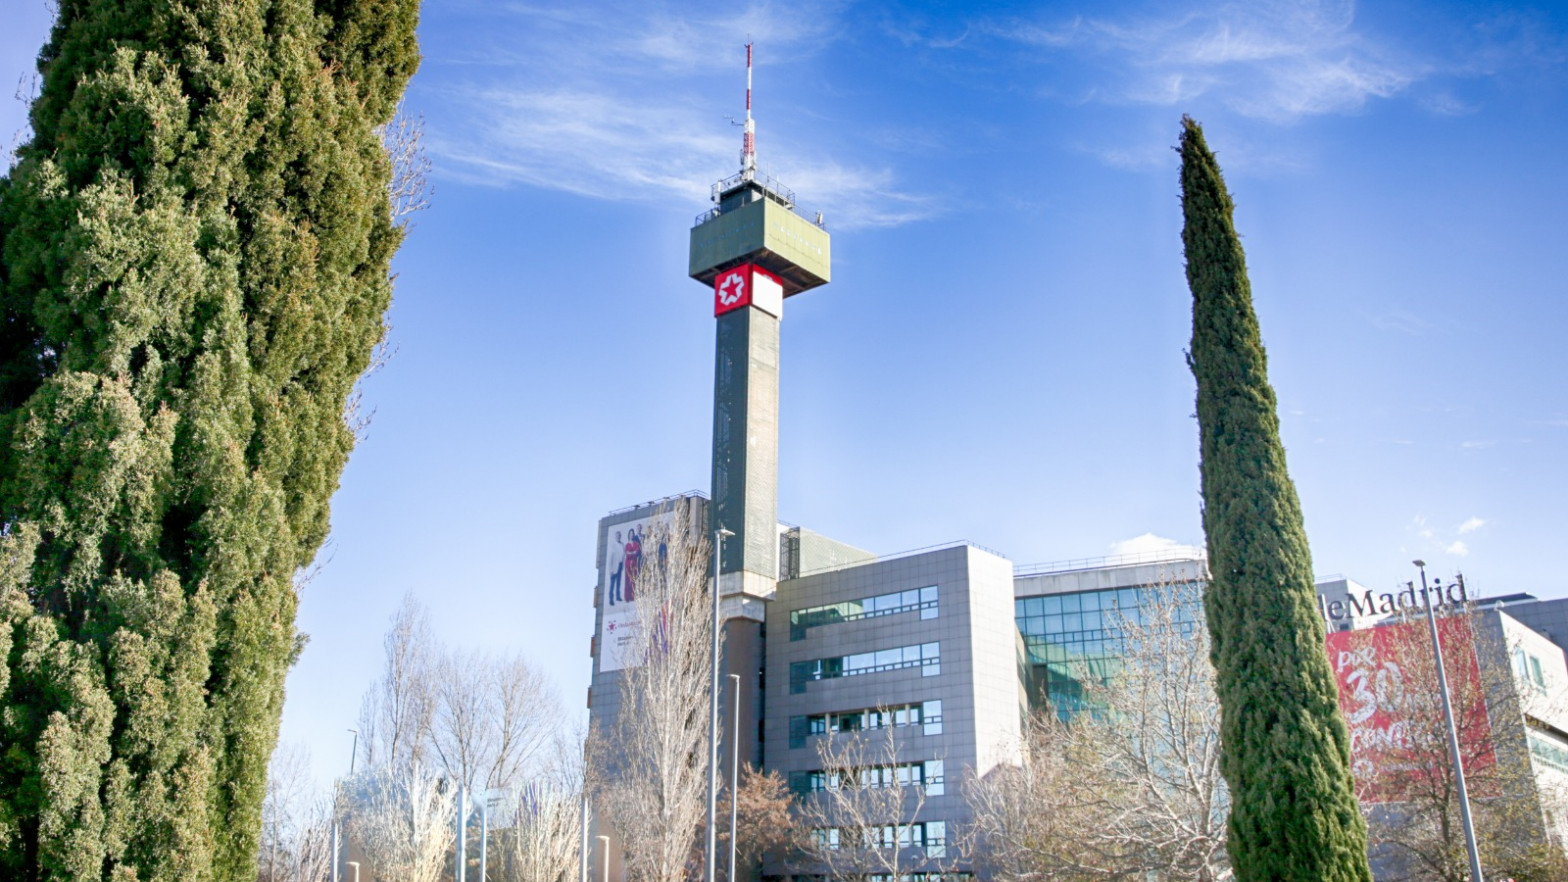 Telemadrid convoca un debate electoral entre los candidatos al 4-M para el próximo 21 de abril